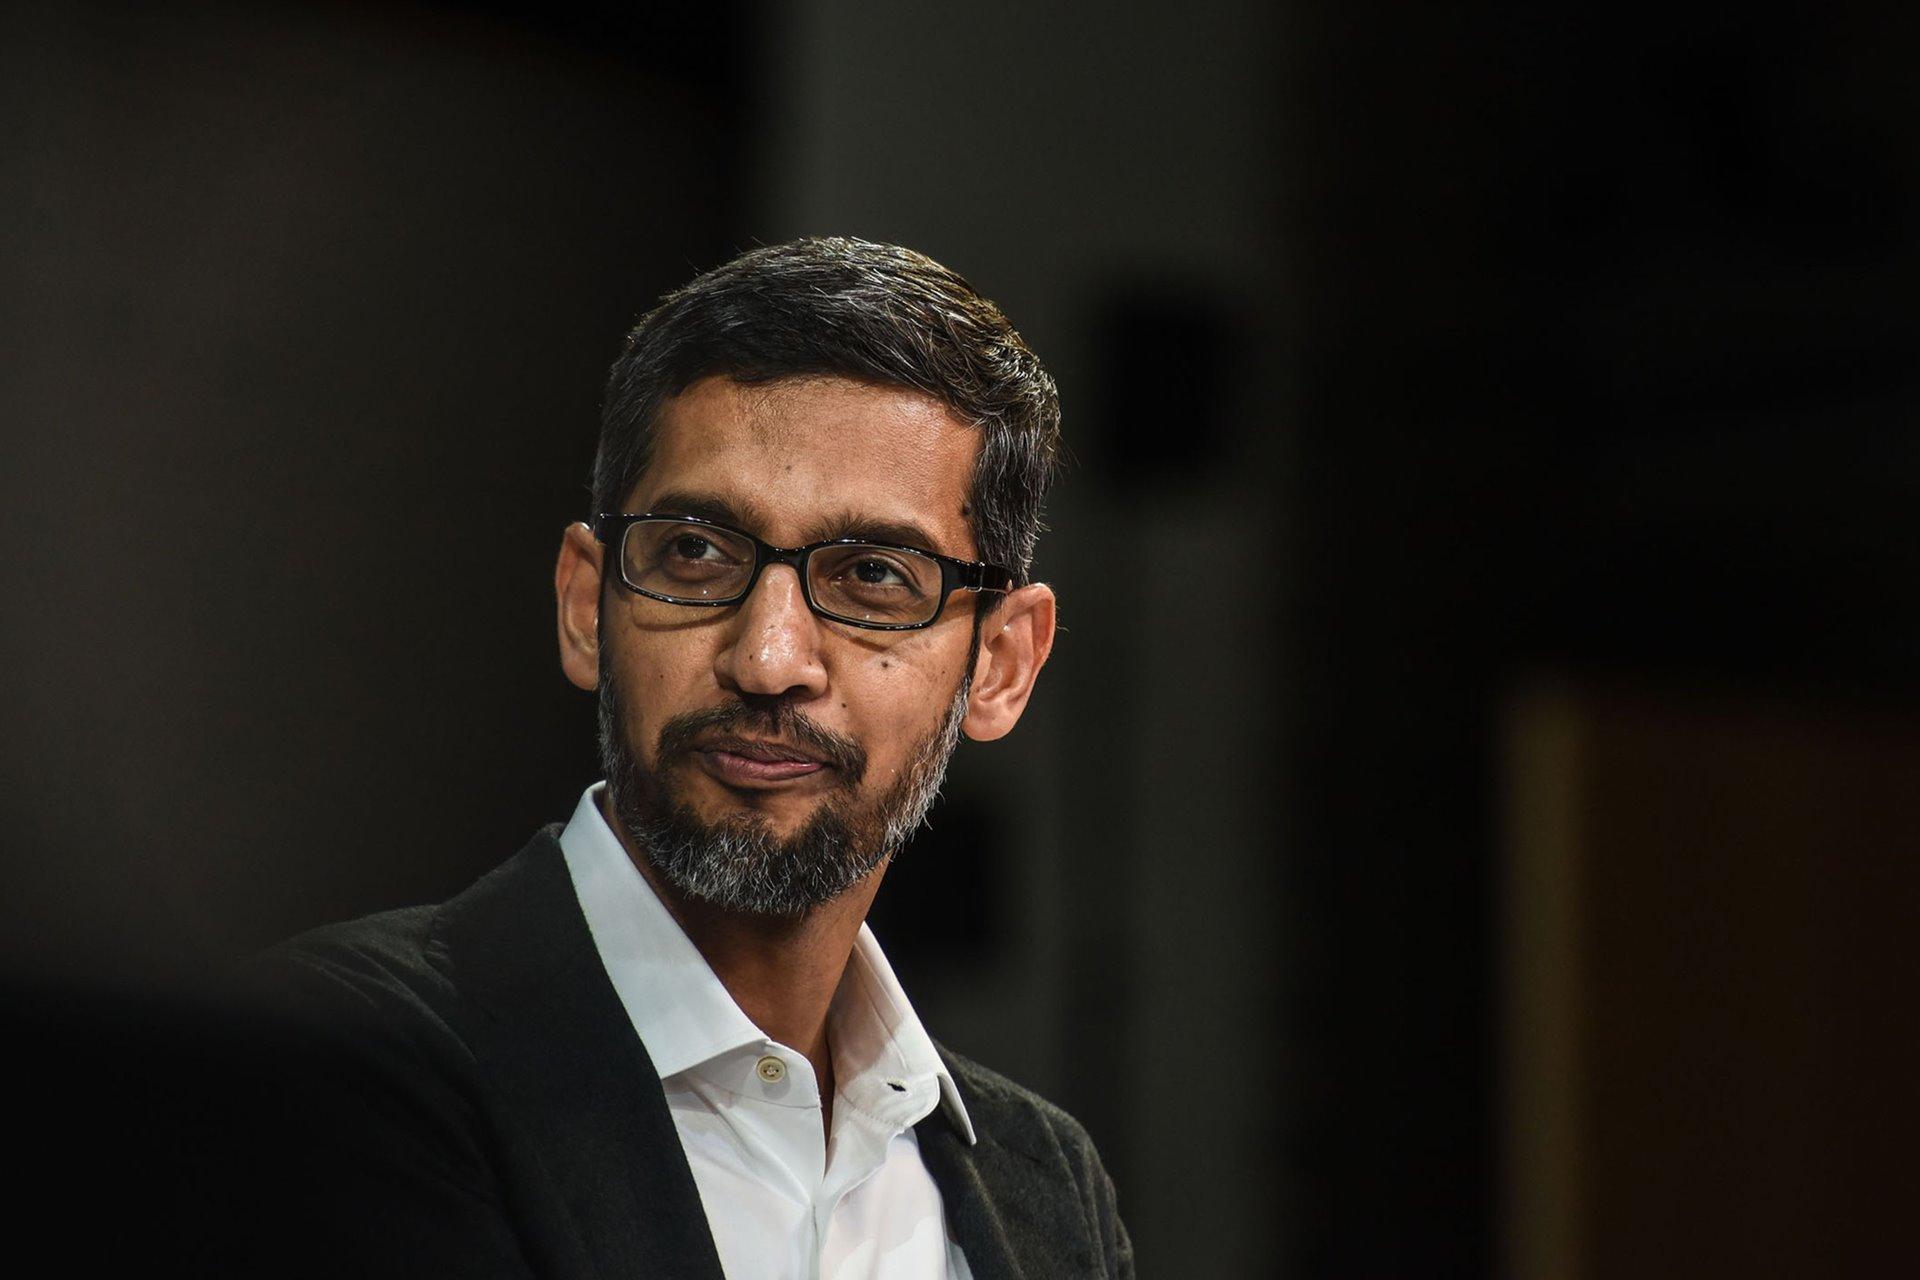 دادگستری آمریکا رسما از گوگل بهاتهام نقض قوانین ضدانحصار شکایت کرد